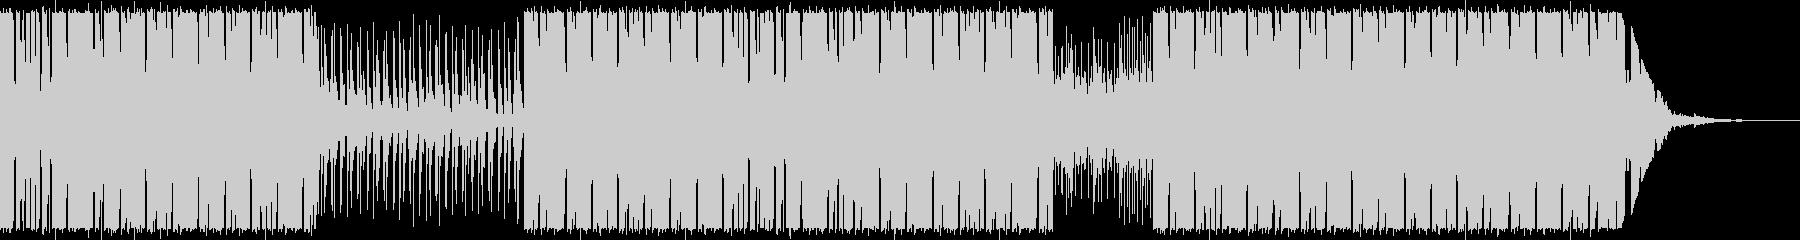 Electro Rock の01の未再生の波形